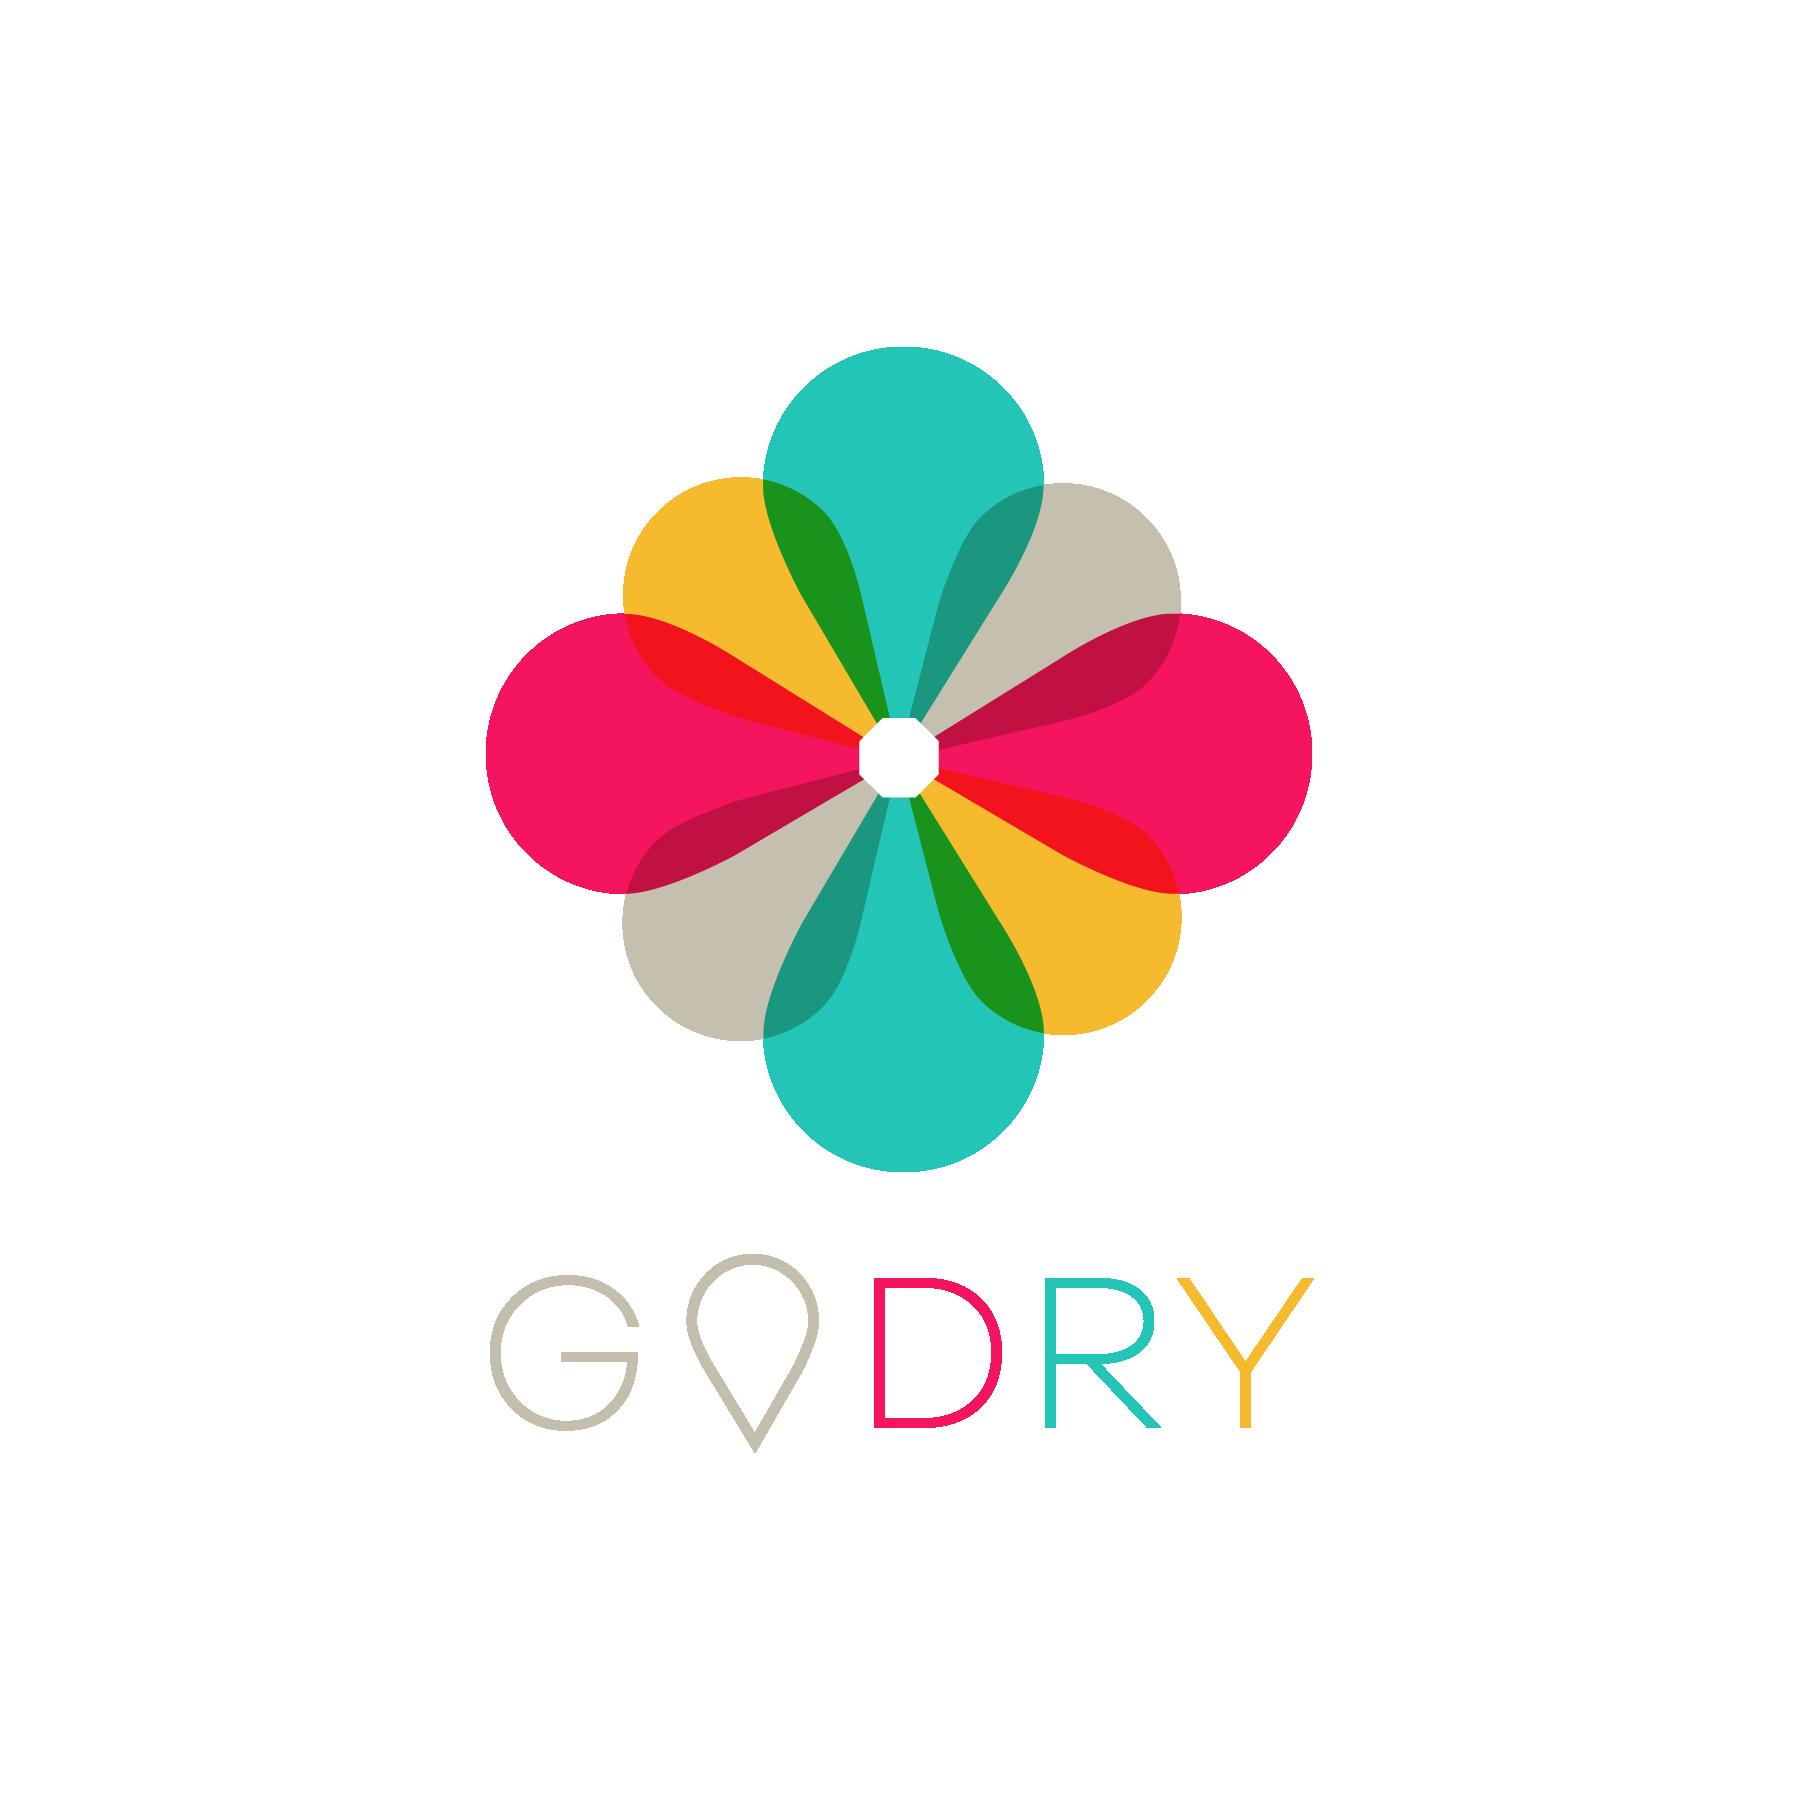 Godry Social Shopping - Iscriviti alla Coimmunity Gratis Logo